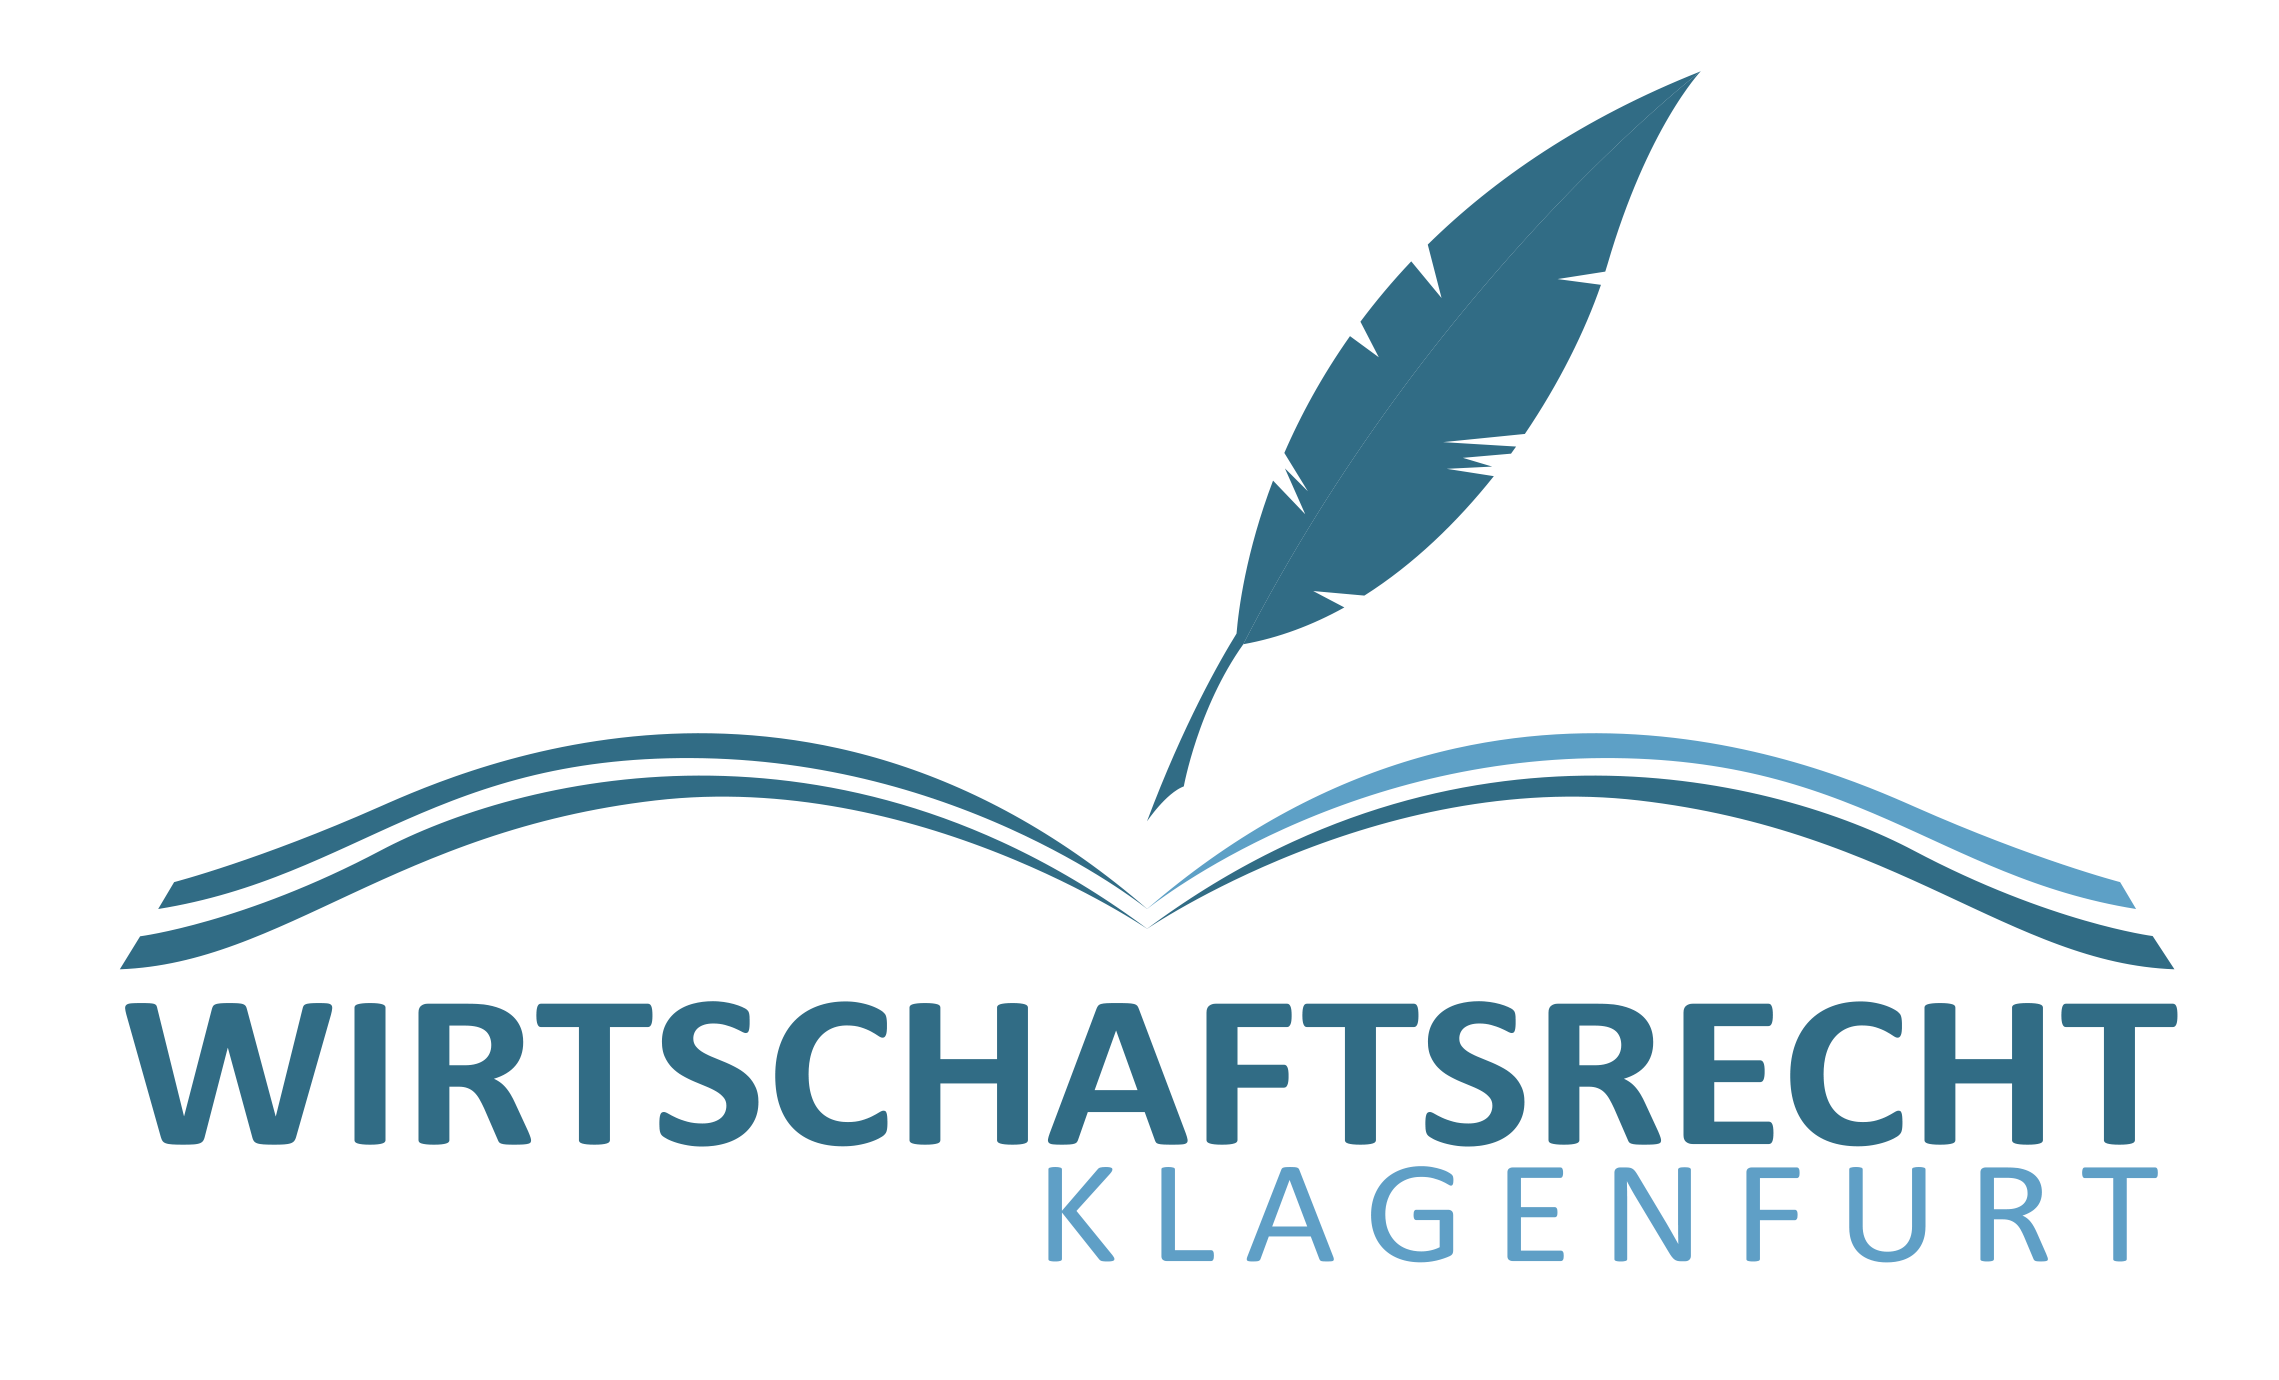 Wirtschaftsrecht Klagenfurt